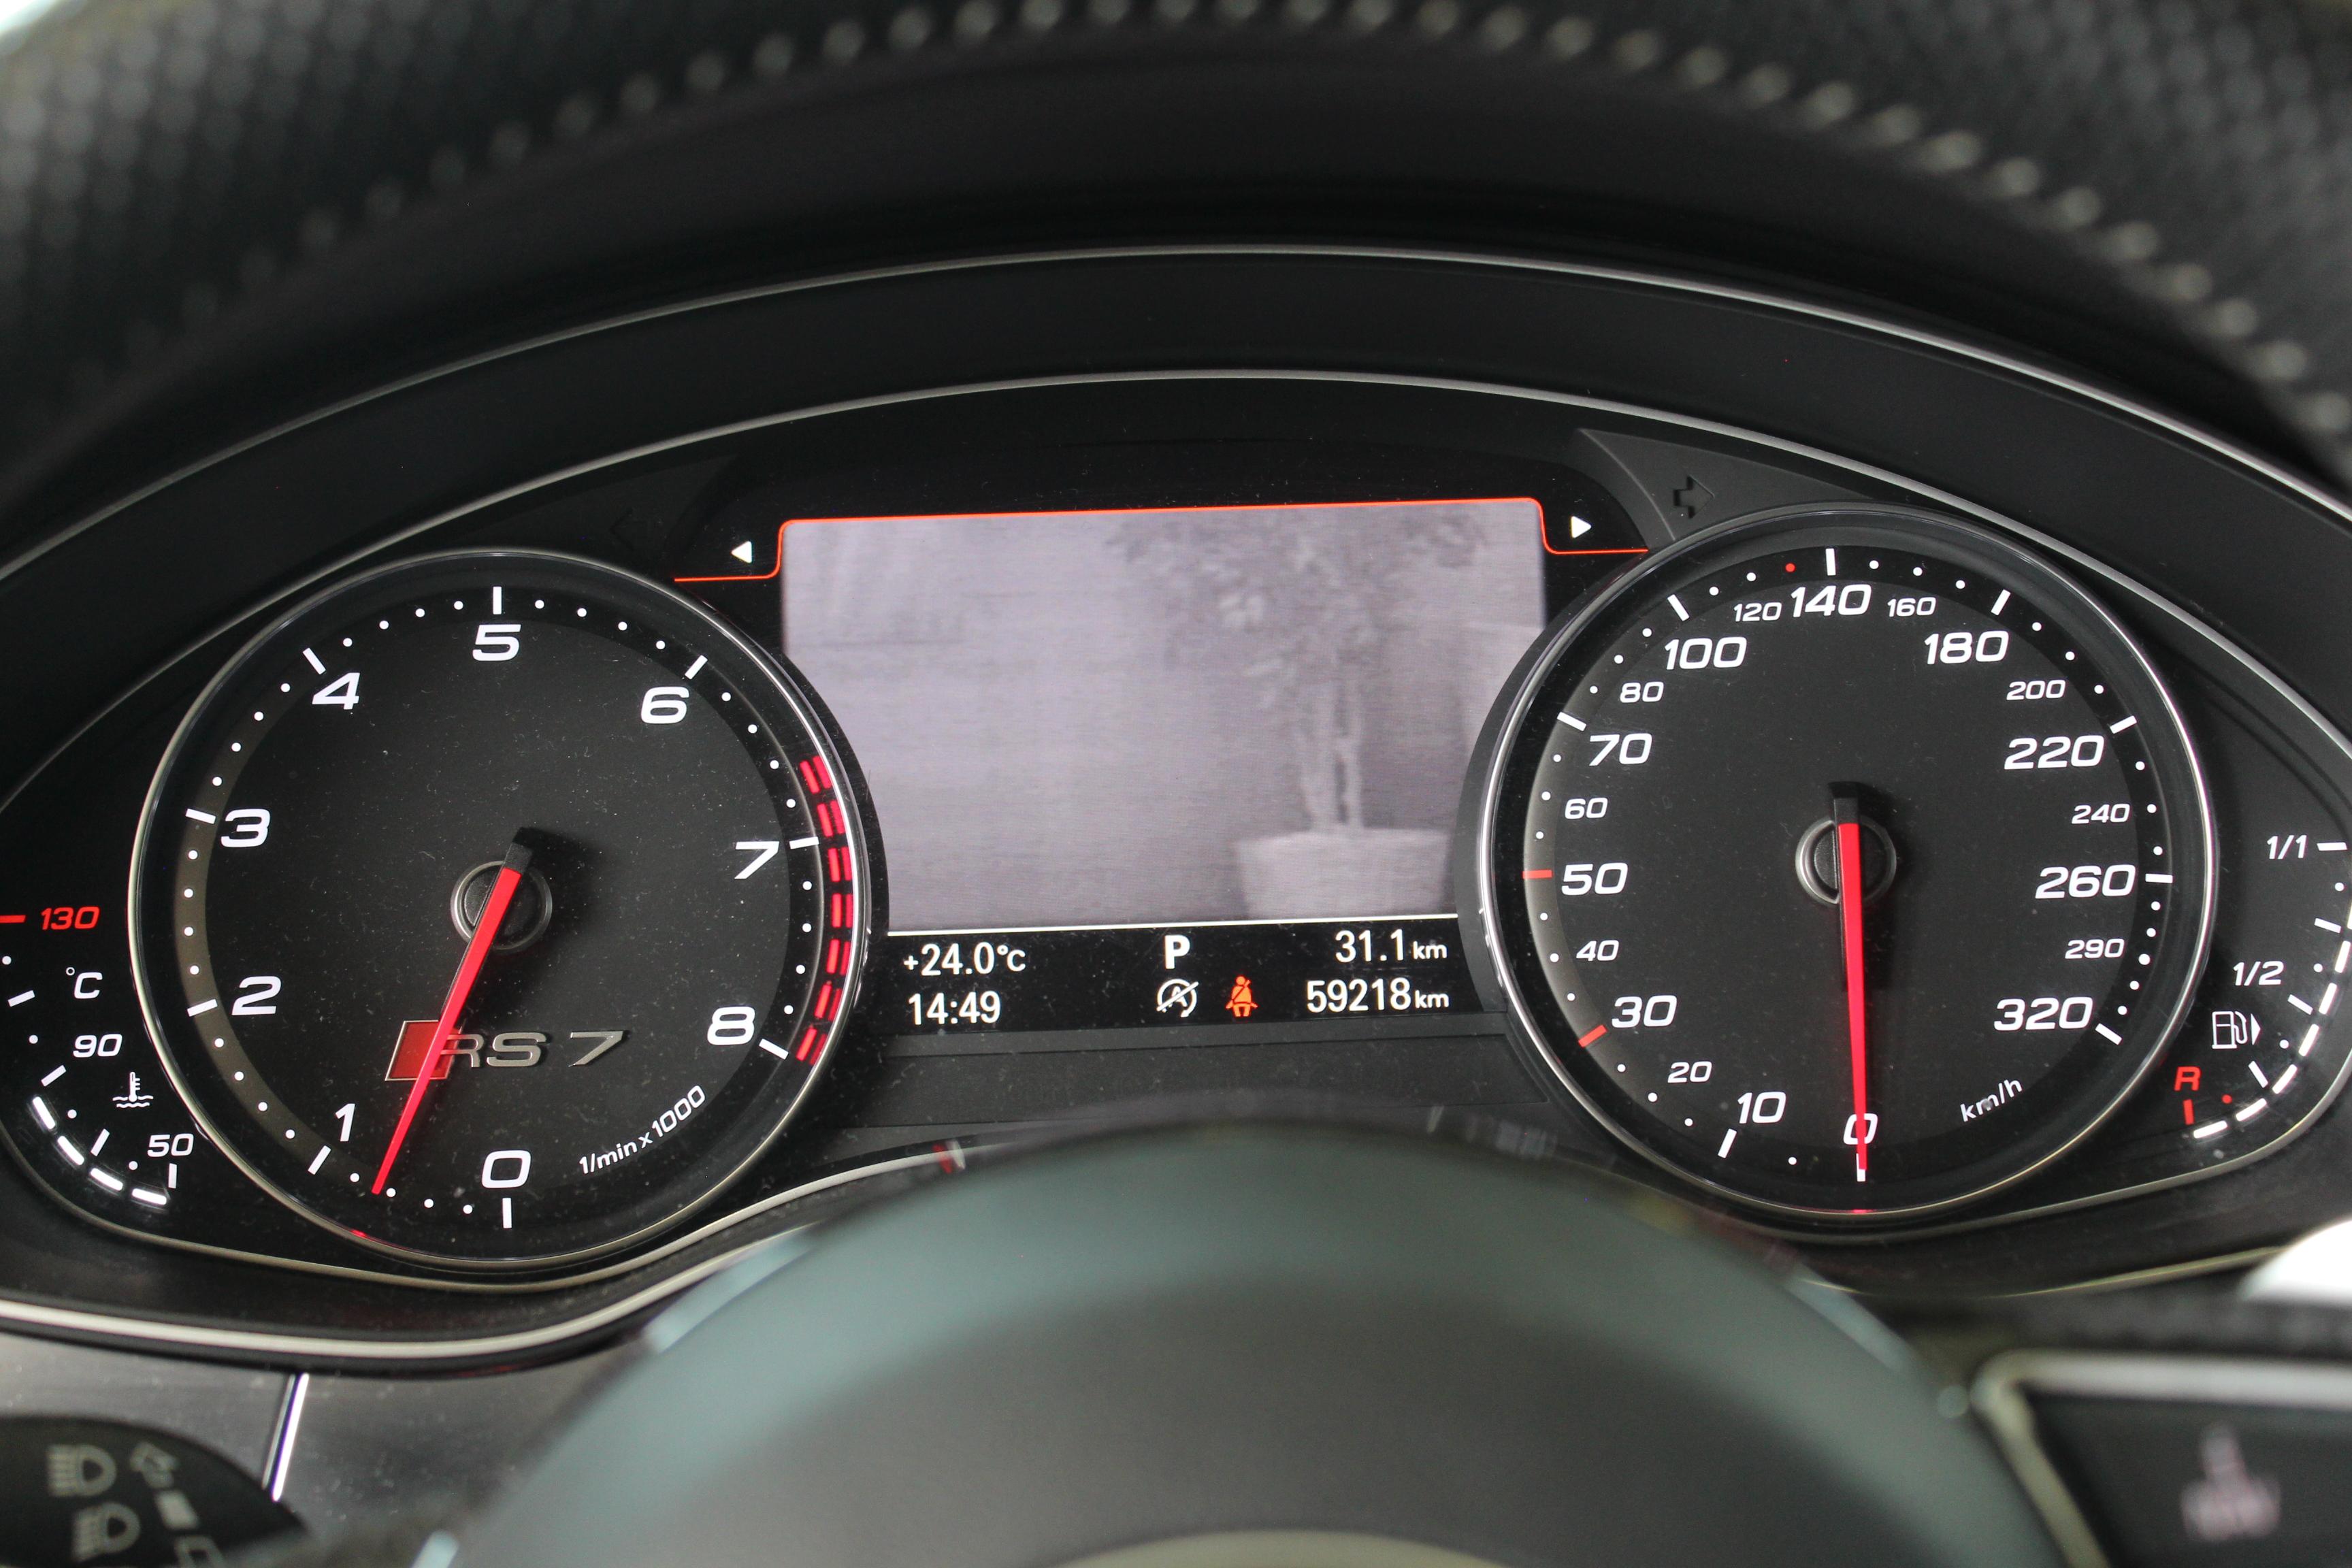 Audi RS7 Sportback 4.0 TFSI V8 quattro TipTronic 560hk